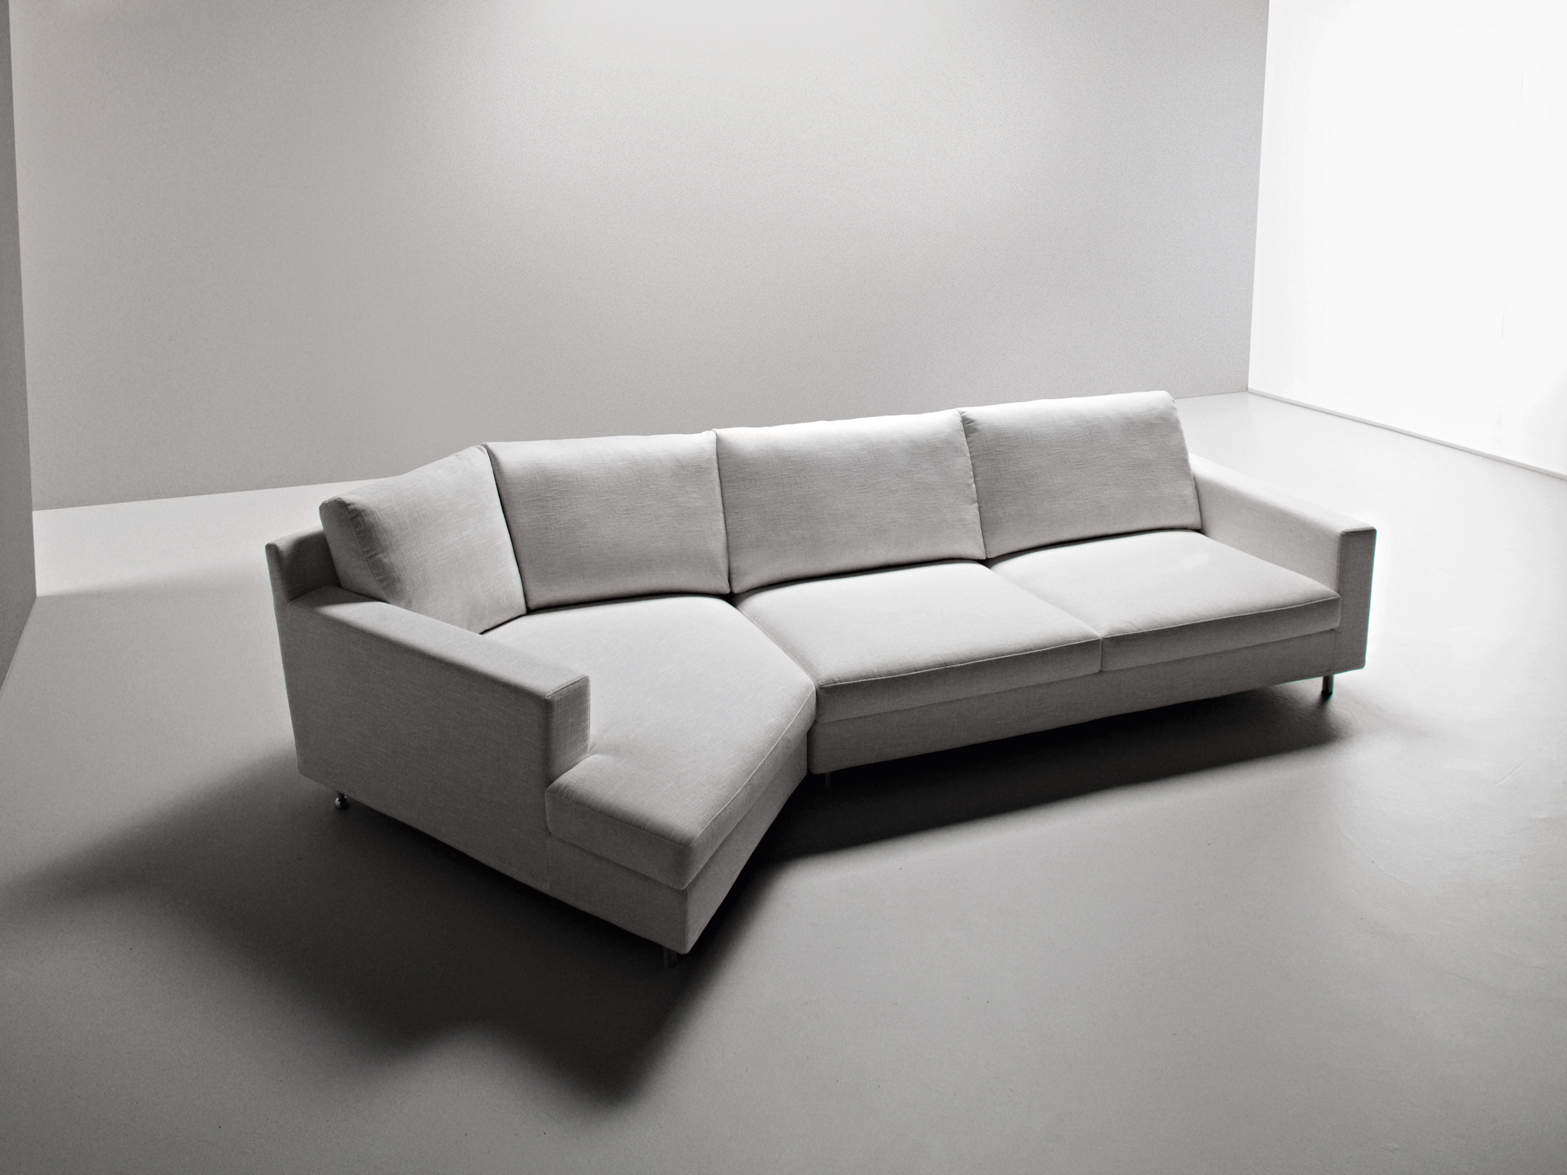 Manhattan divano angolare by la cividina design fulvio bulfoni for Divano angolare tessuto prezzi